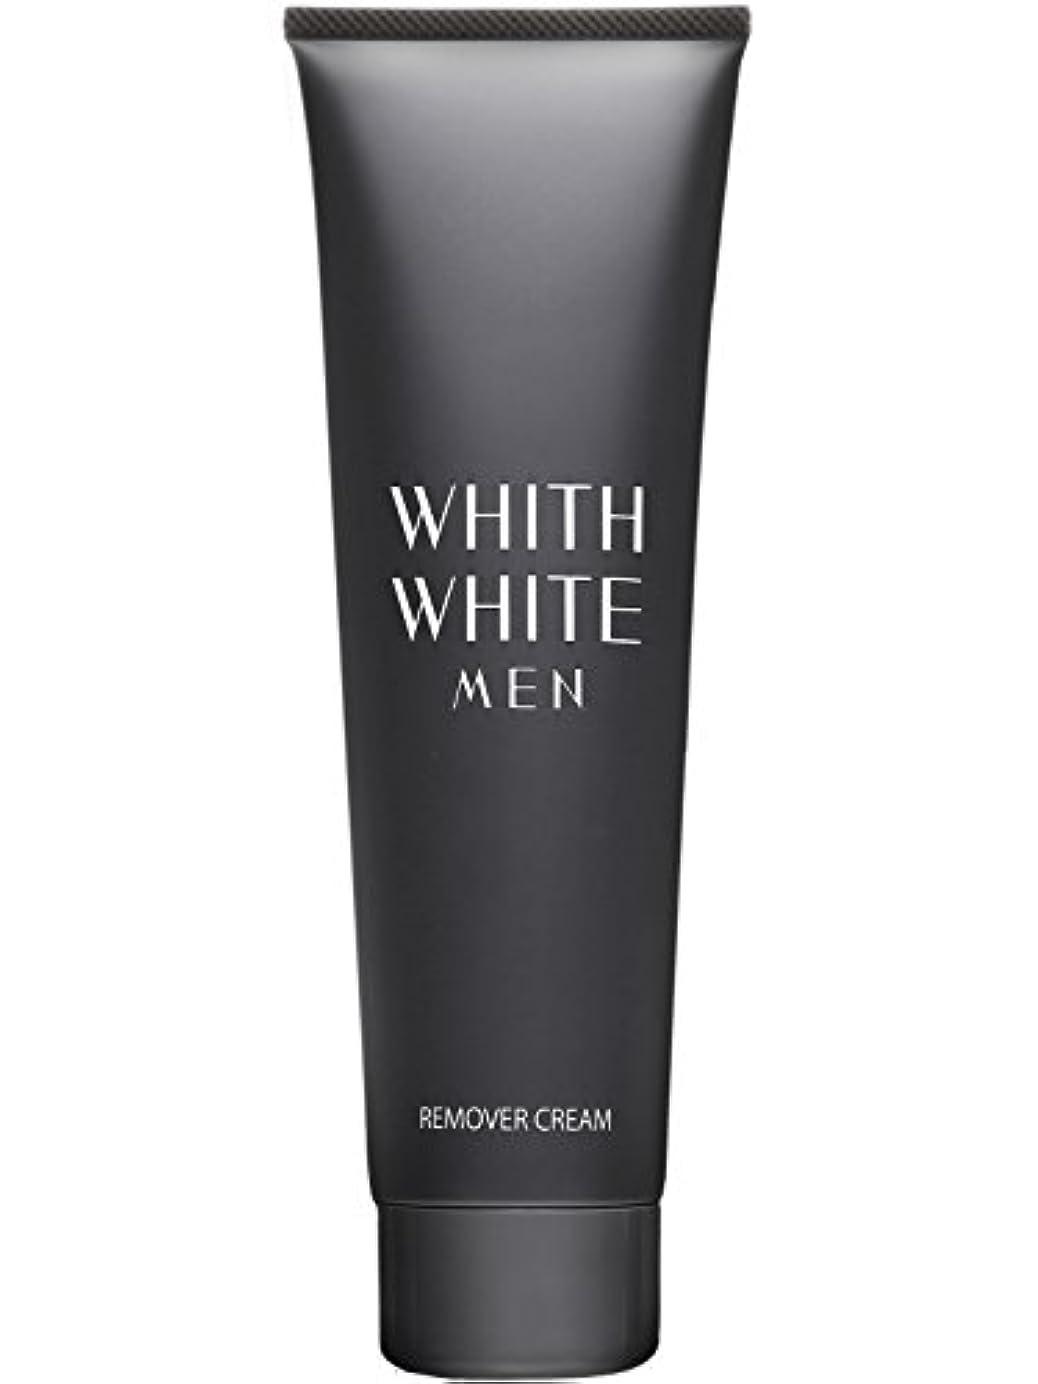 百年規則性退屈させる医薬部外品 フィス ホワイト メンズ 除毛クリーム リムーバークリーム 陰部 使用可能 210g